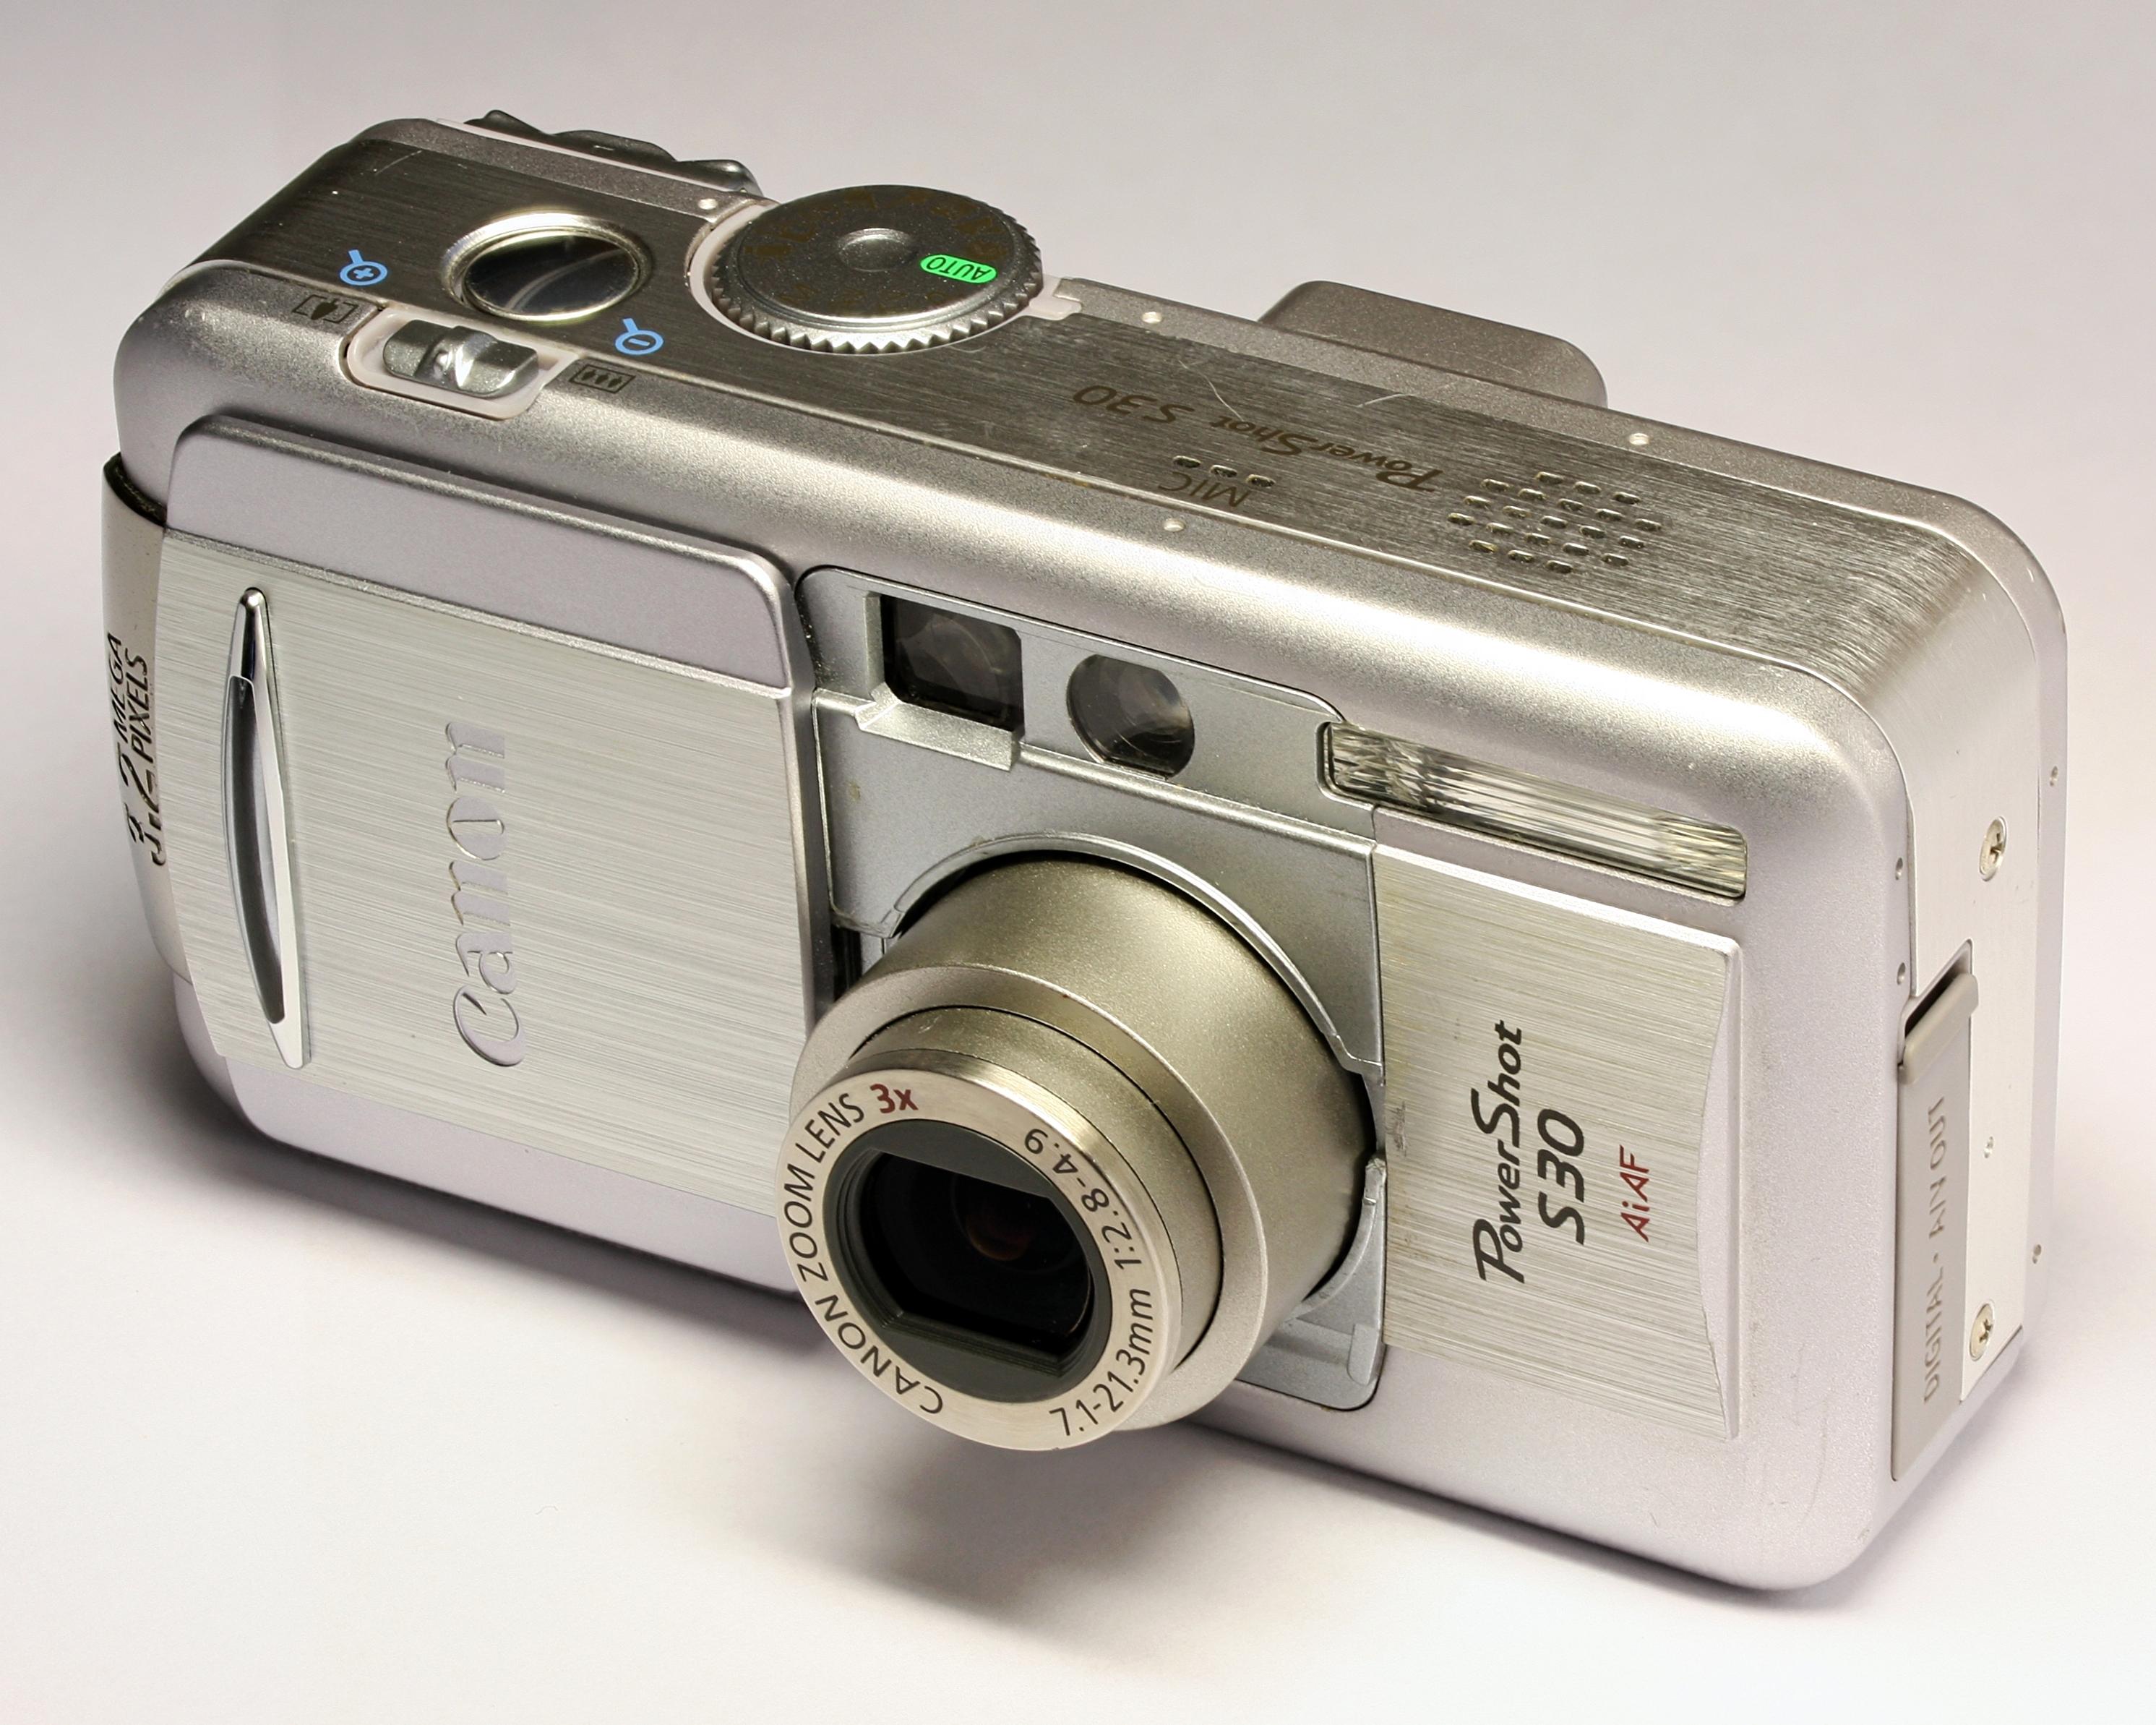 Canon powershot s30 ростелеком санкт-петербург ремонт телефона - ремонт в Москве